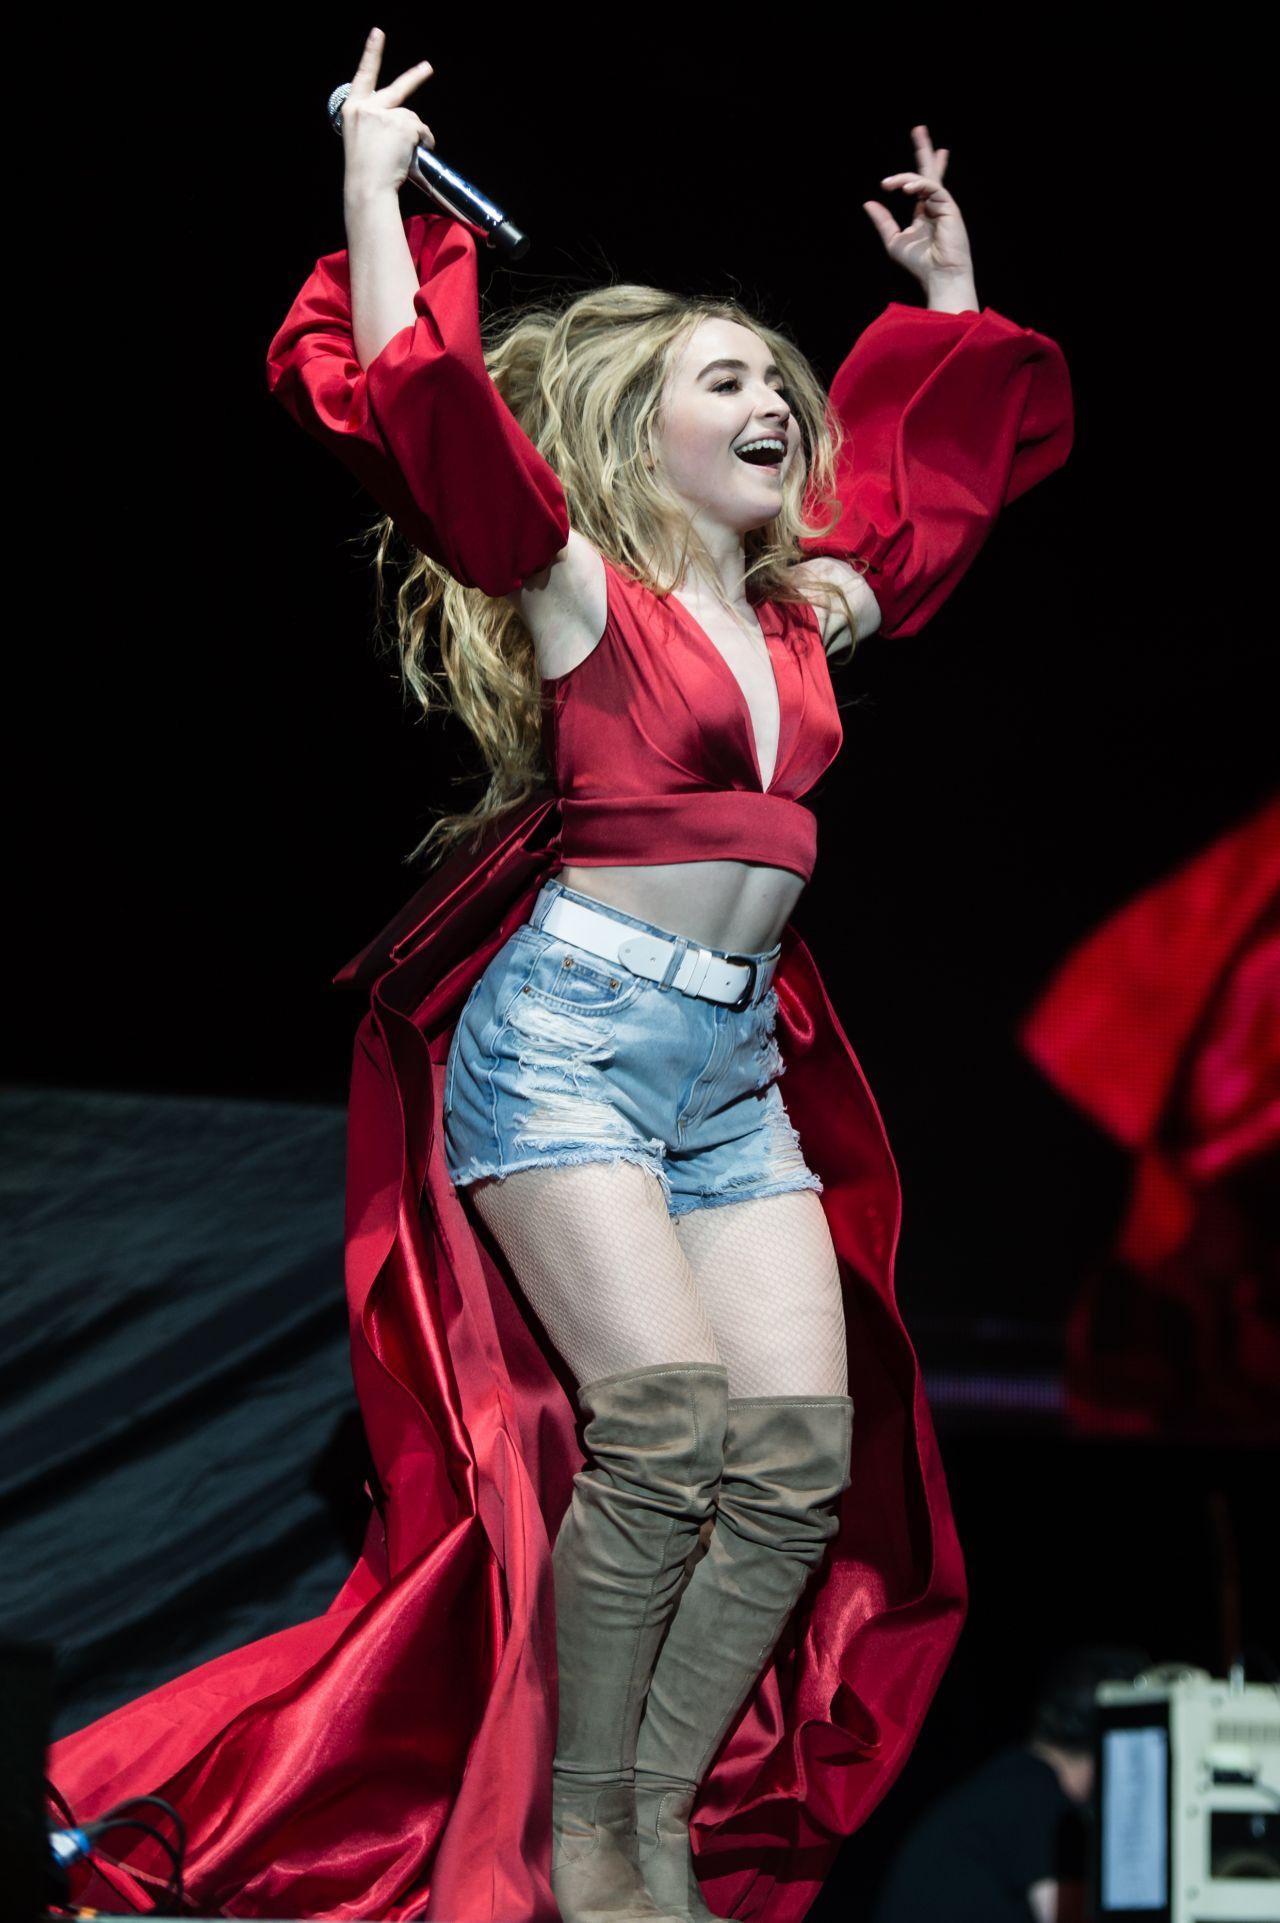 Sabrina Carpenter Performing at the O2 Arena London 05